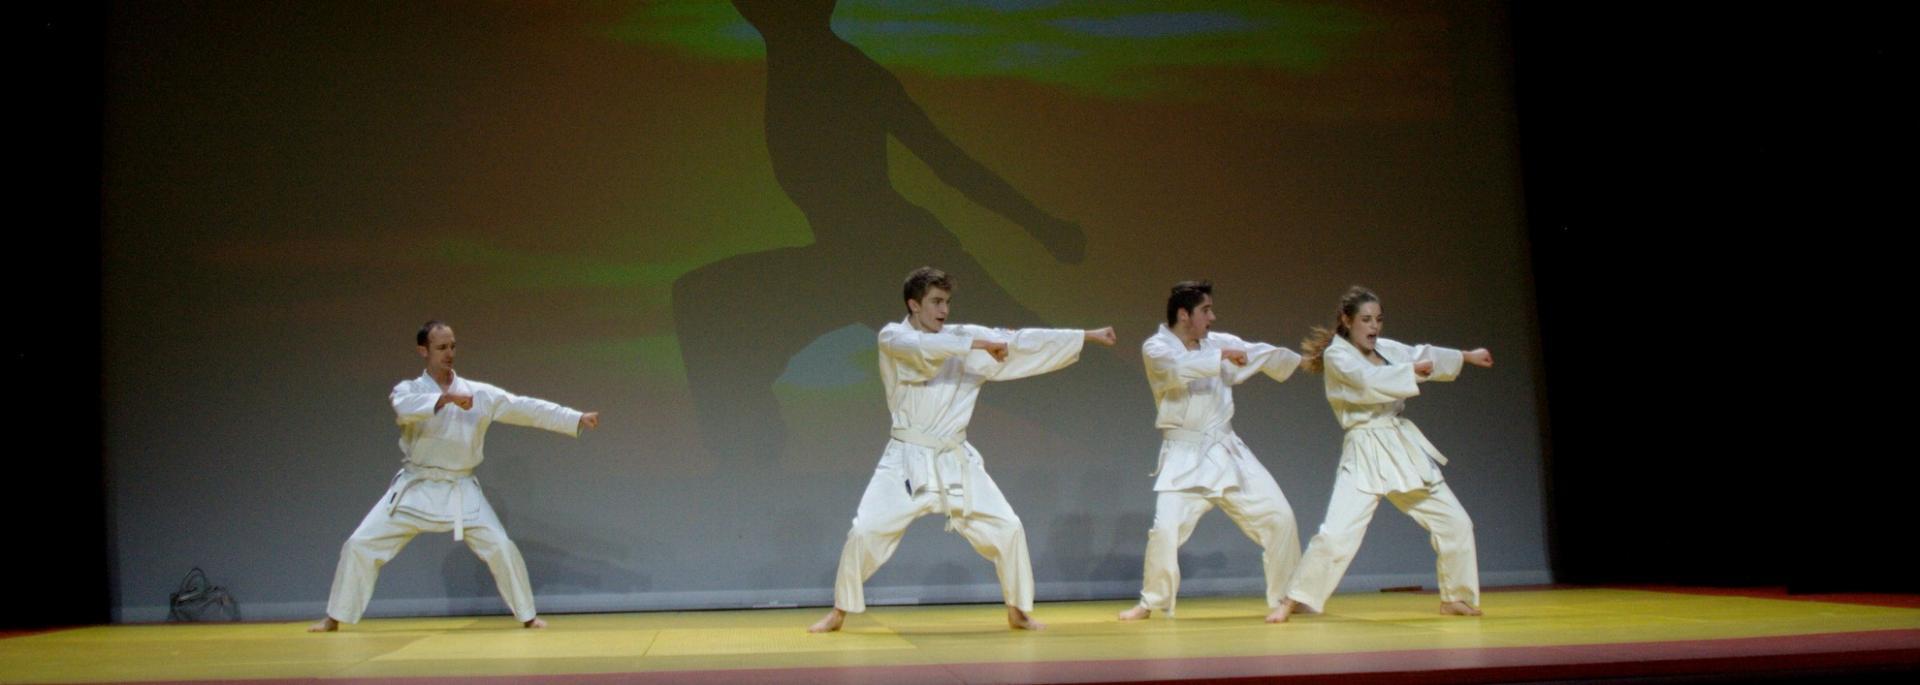 Tai jitsu 1